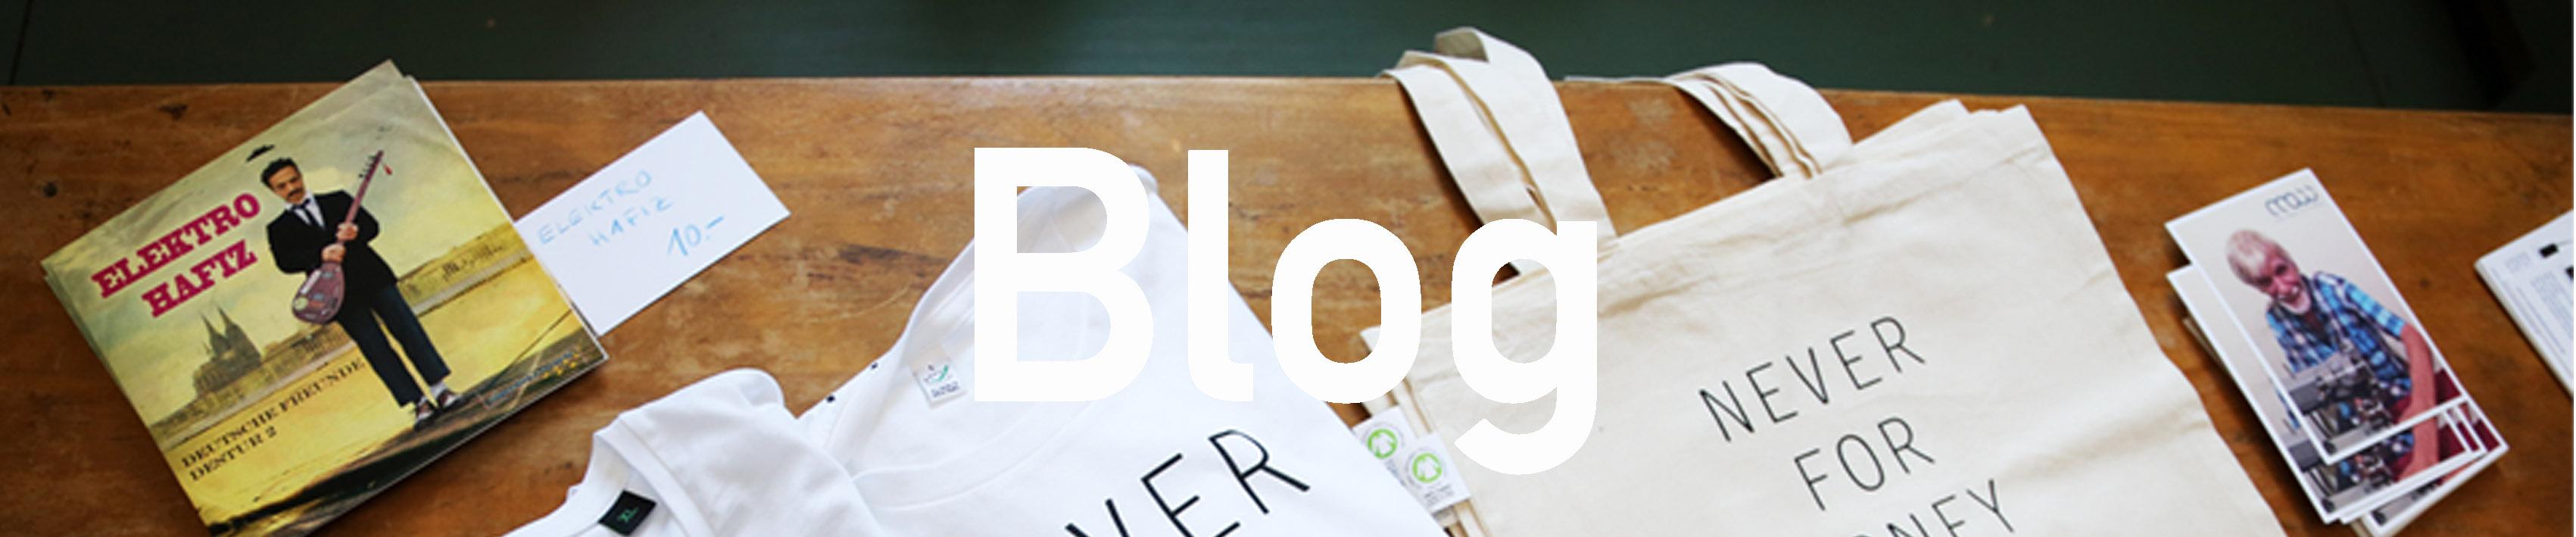 blogslider-moii-b-5